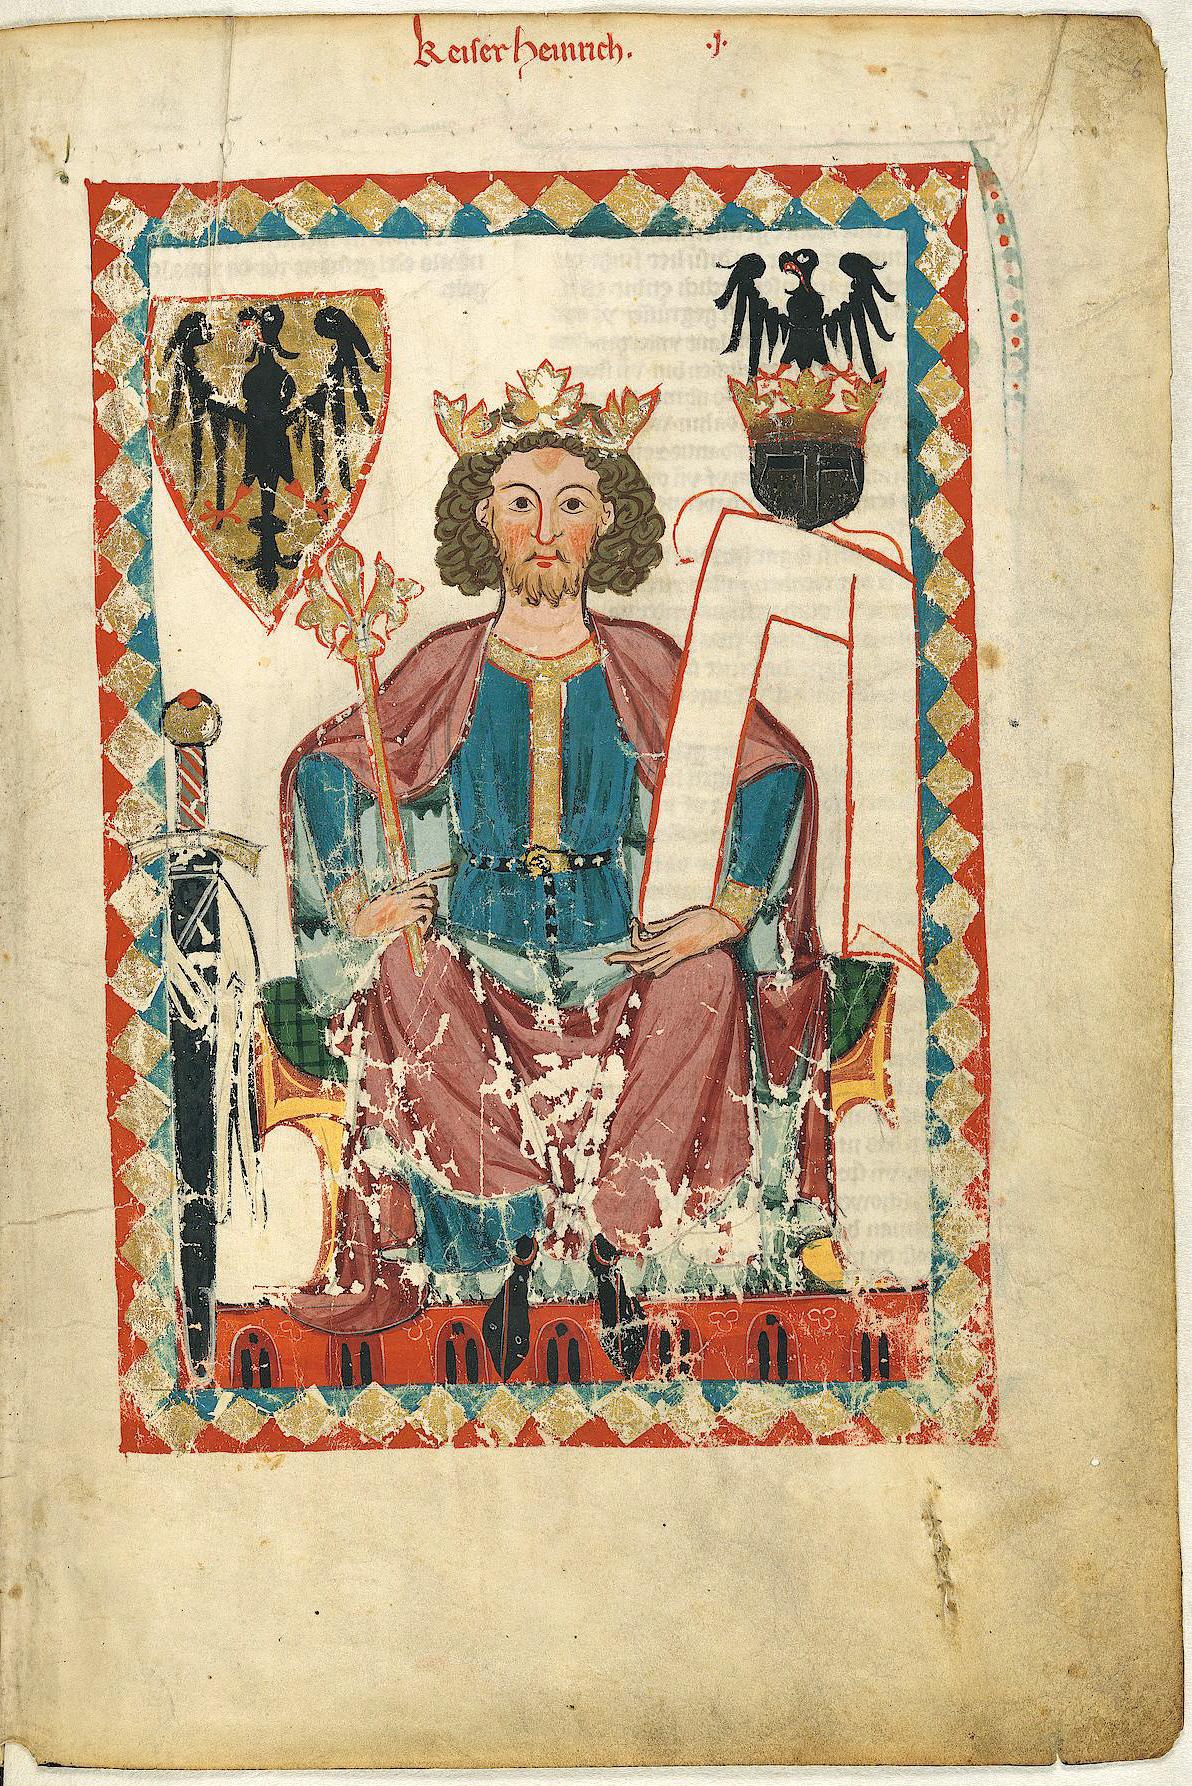 Kaiser HeinrichVI. im Codex Manesse mit dem Reichswappen (Im goldenen Schild ein schwarzer, rotbewehrter Adler, als Helmzier auf goldener Krone ebenfalls ein schwarzer, rotbewehrter Adler)